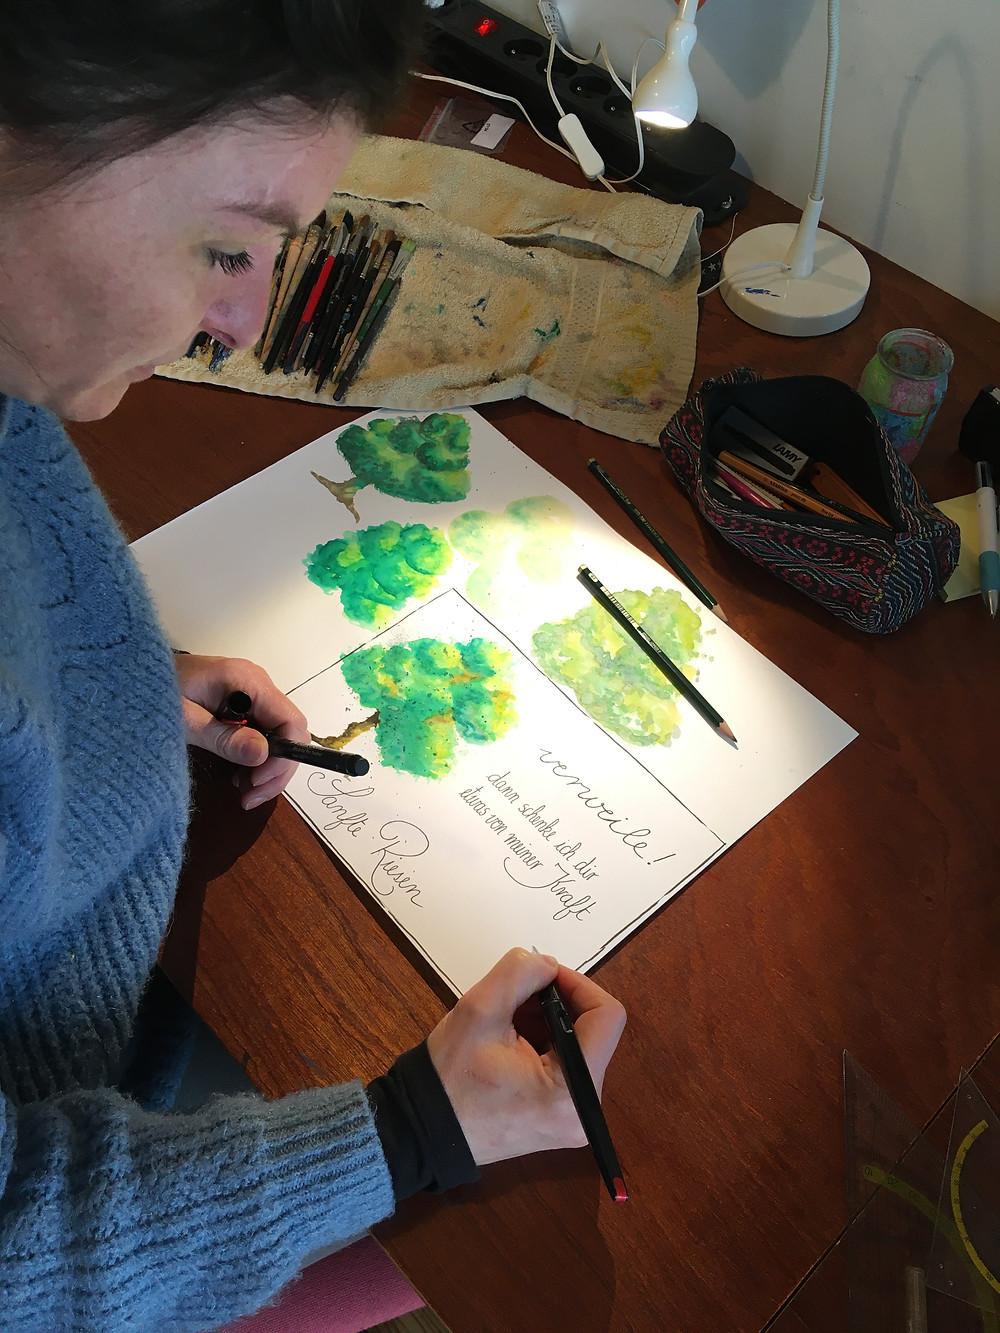 zeichnen und schreiben mit Spass, ohne Druck seine Kreativität fliessen lassen